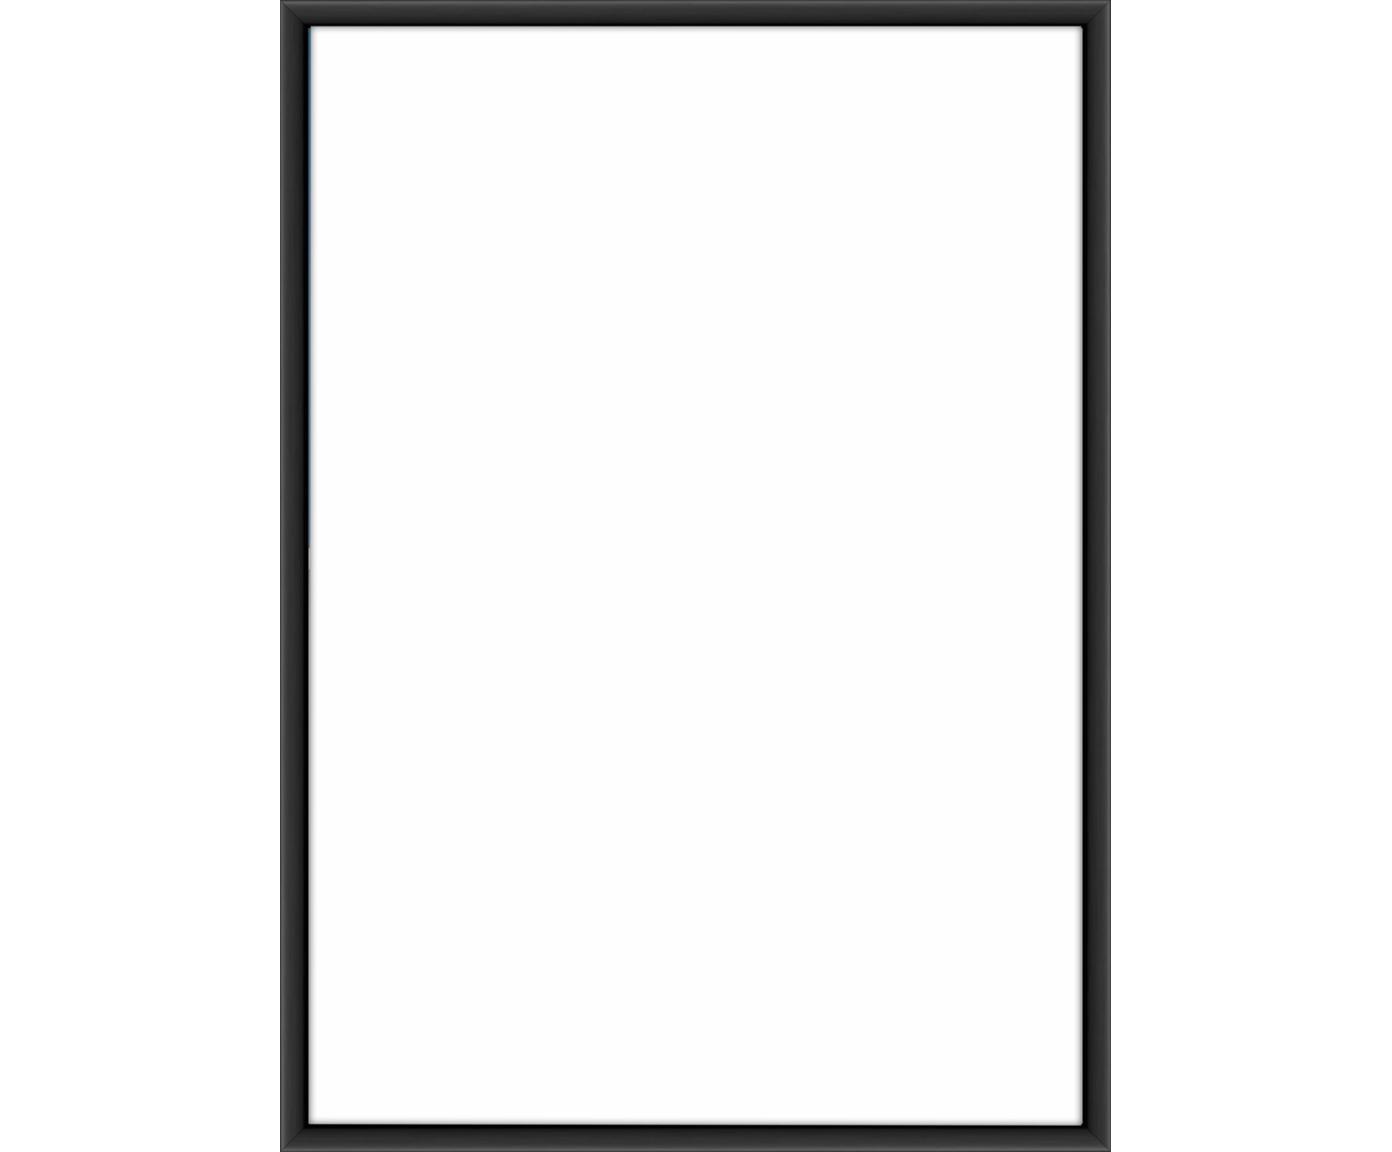 Ramka na zdjęcia Accent, Czarny, 21 x 30 cm